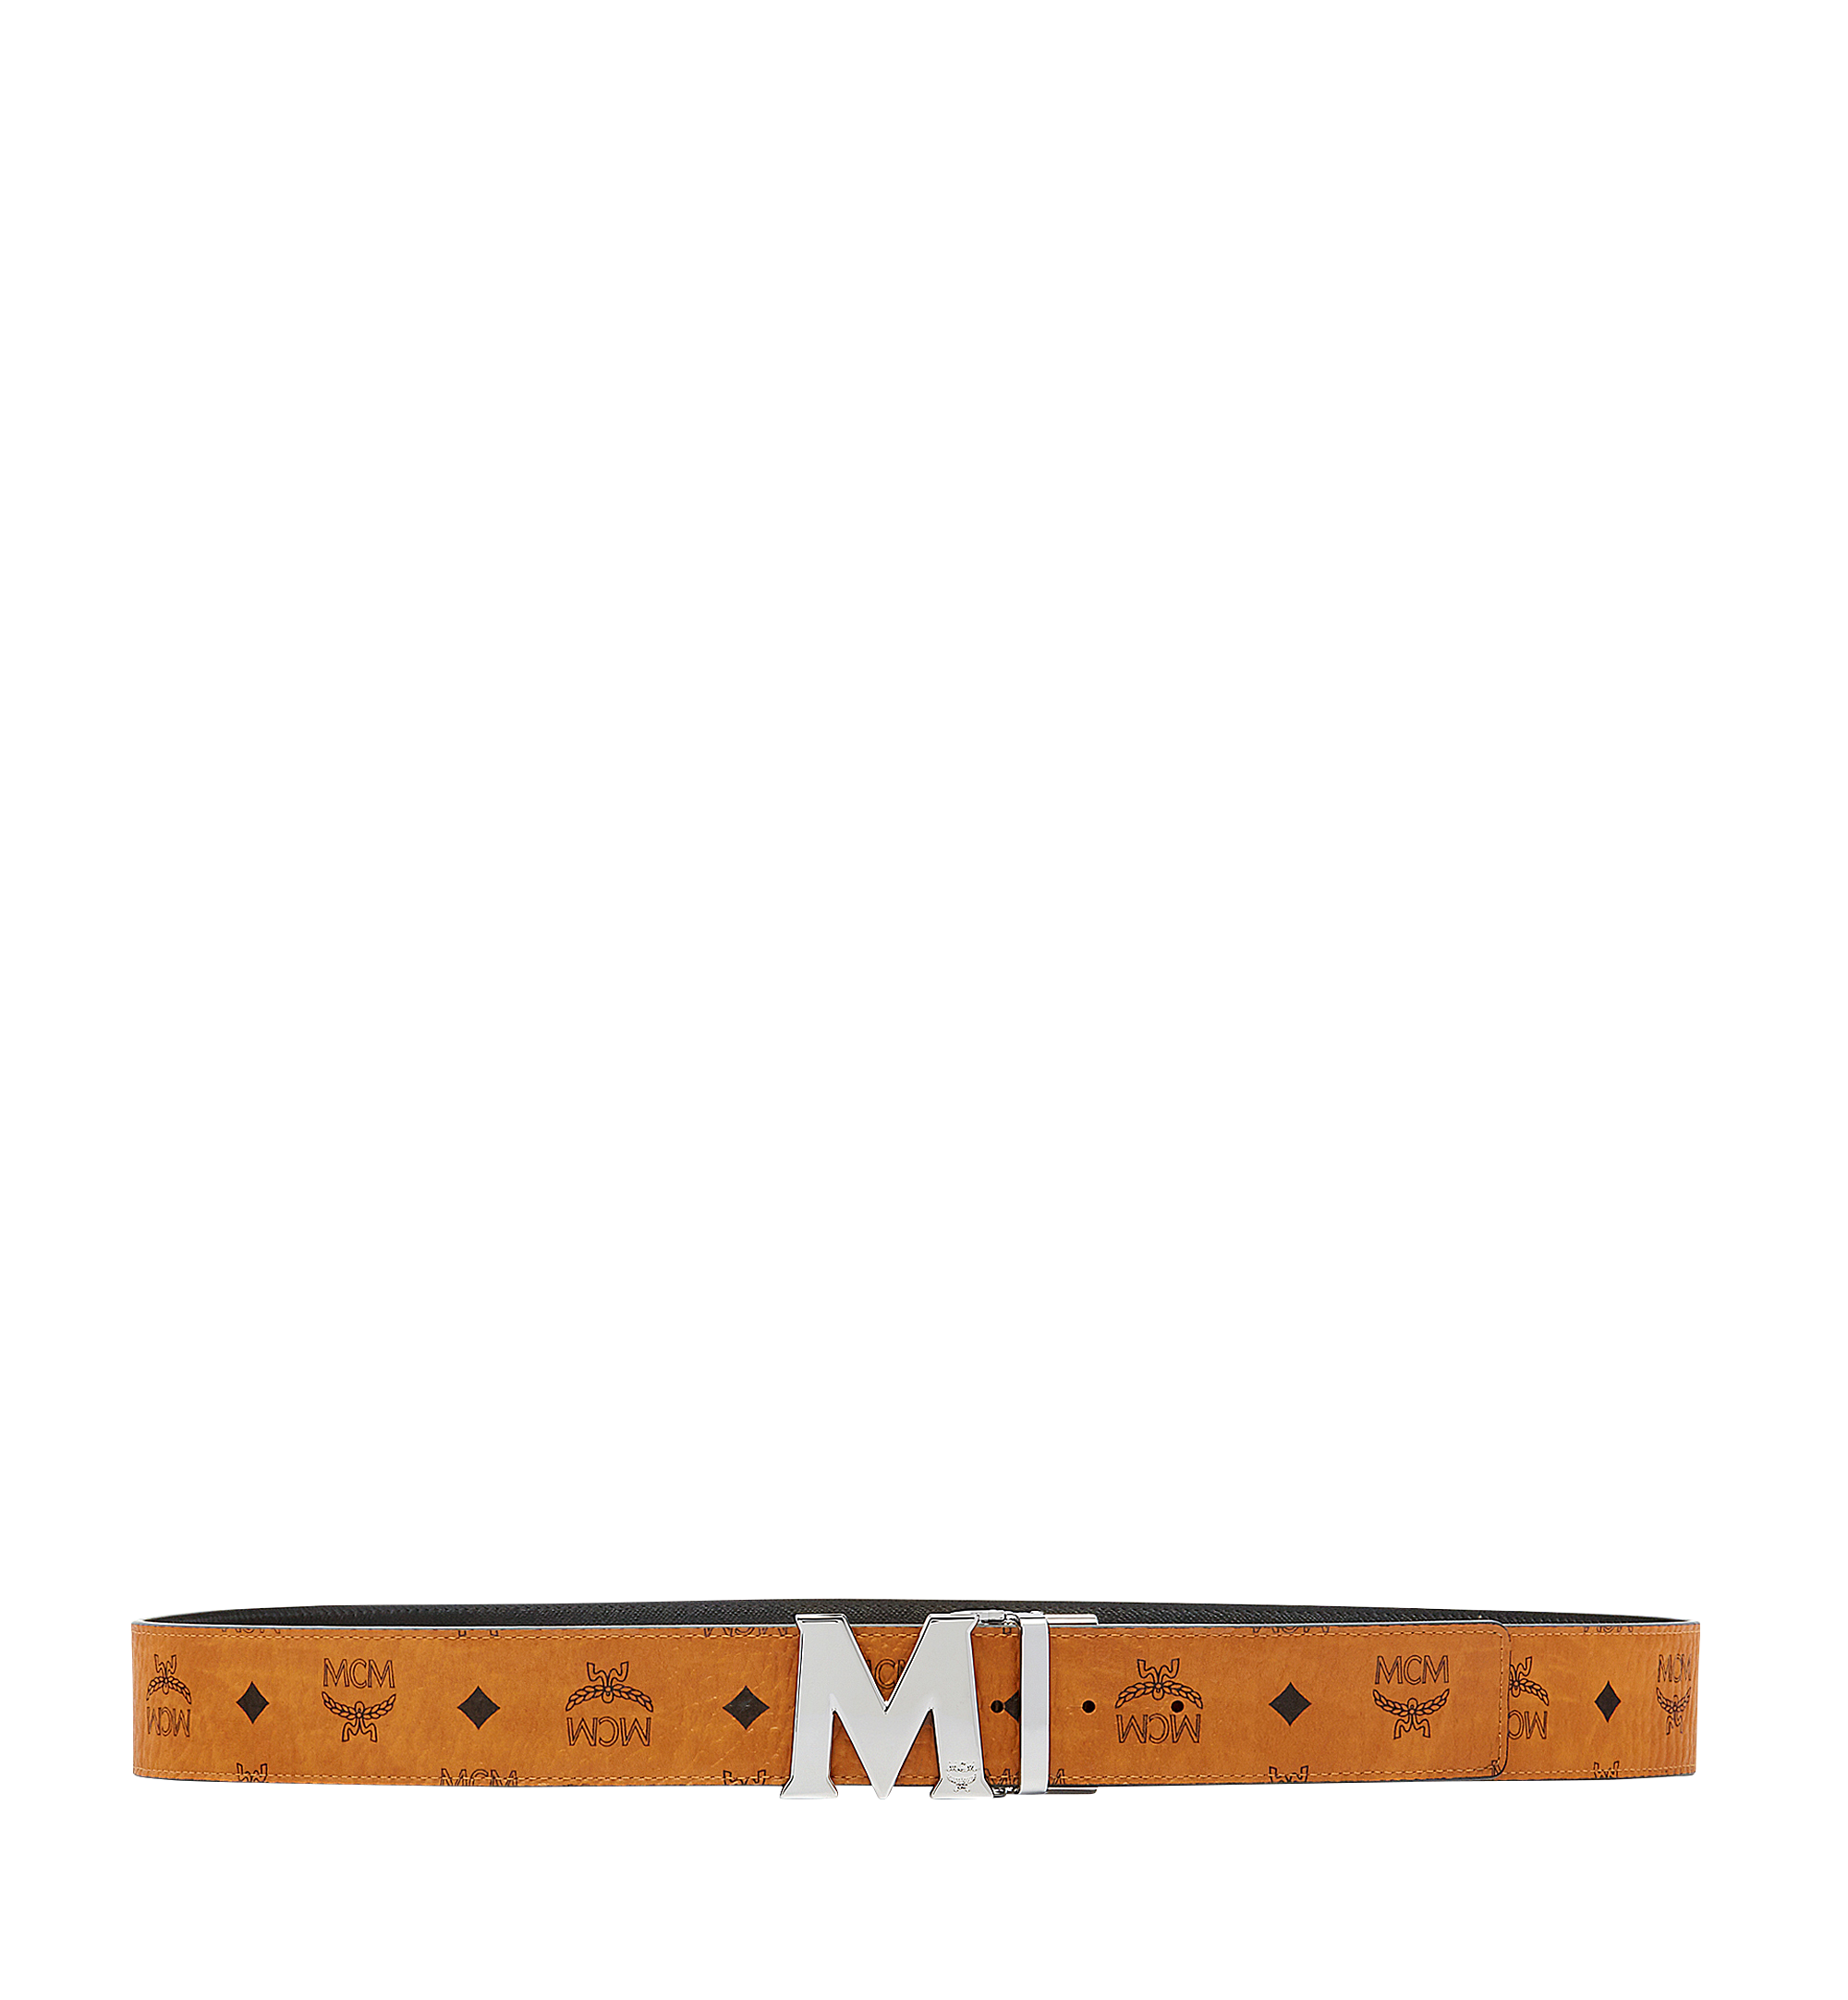 MCM Ceinture amovible Claus M 4,5cm en Visetos Cognac MXBAAVI01CO001 Plus de photos 2